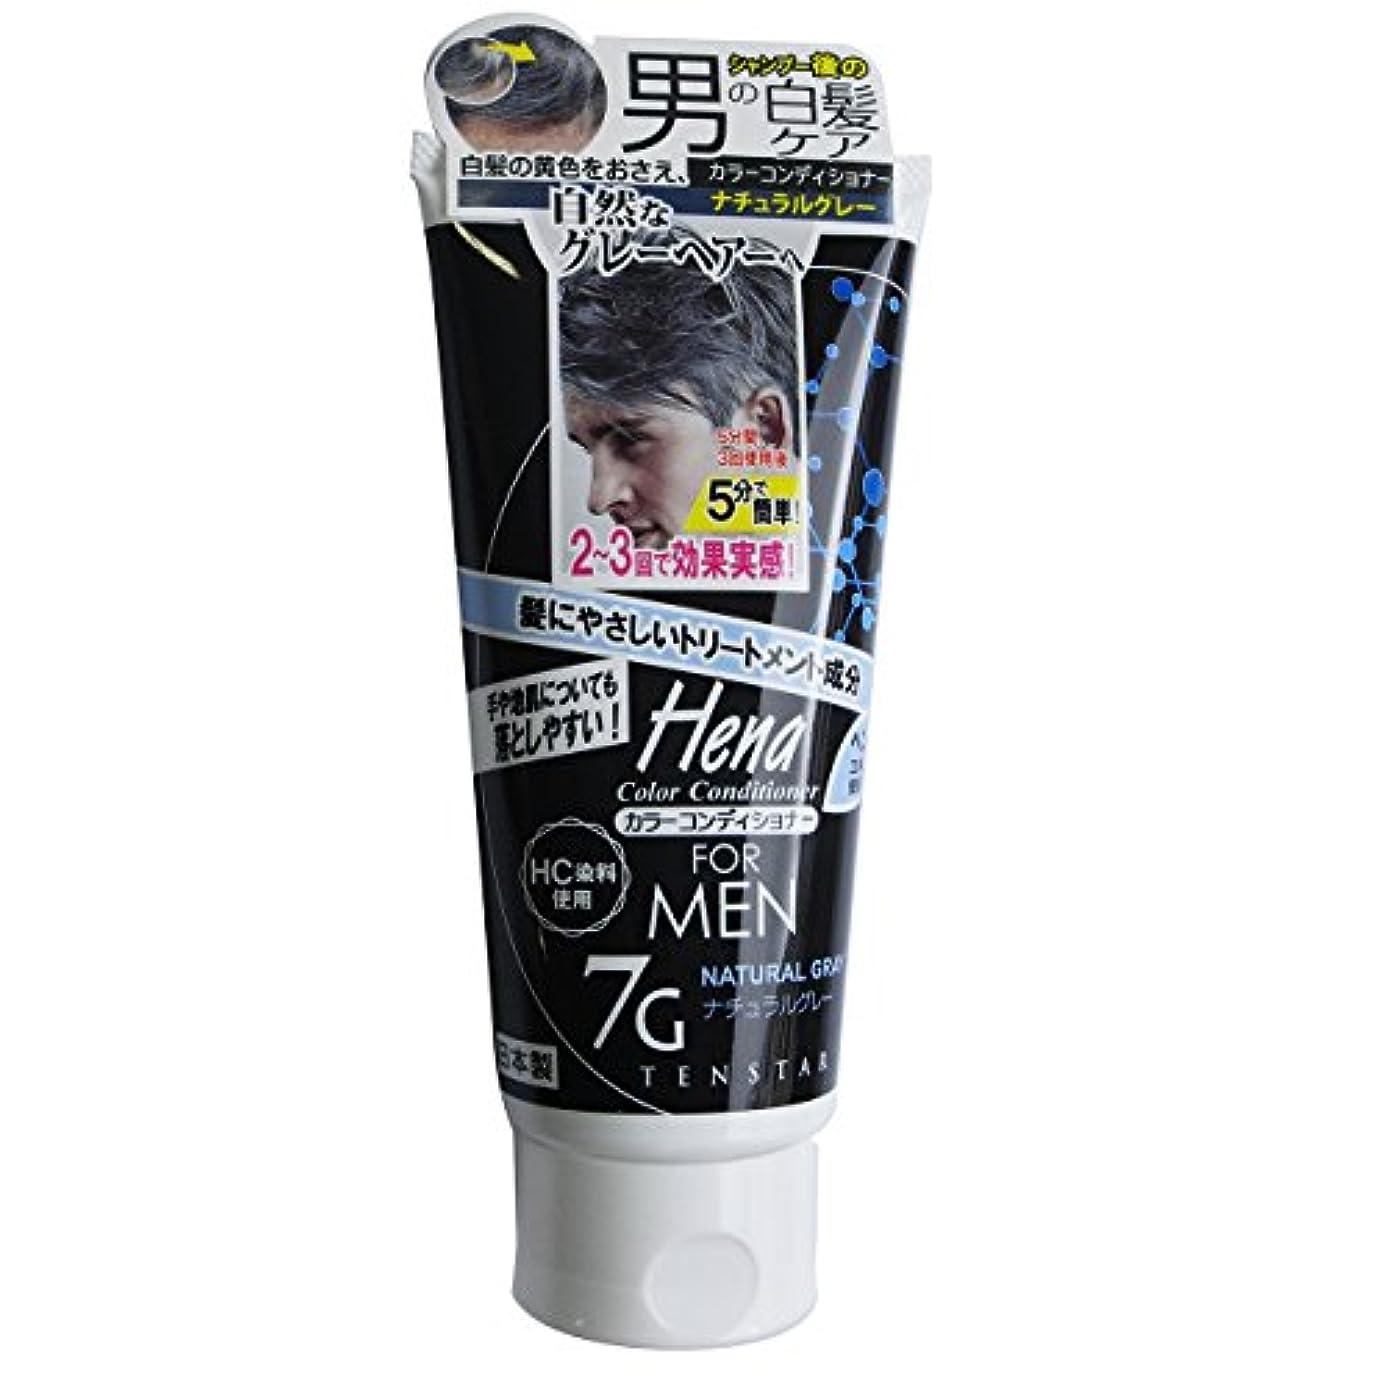 挽くワーム九月テンスター カラーコンディショナー for MEN ナチュラルグレー 178g